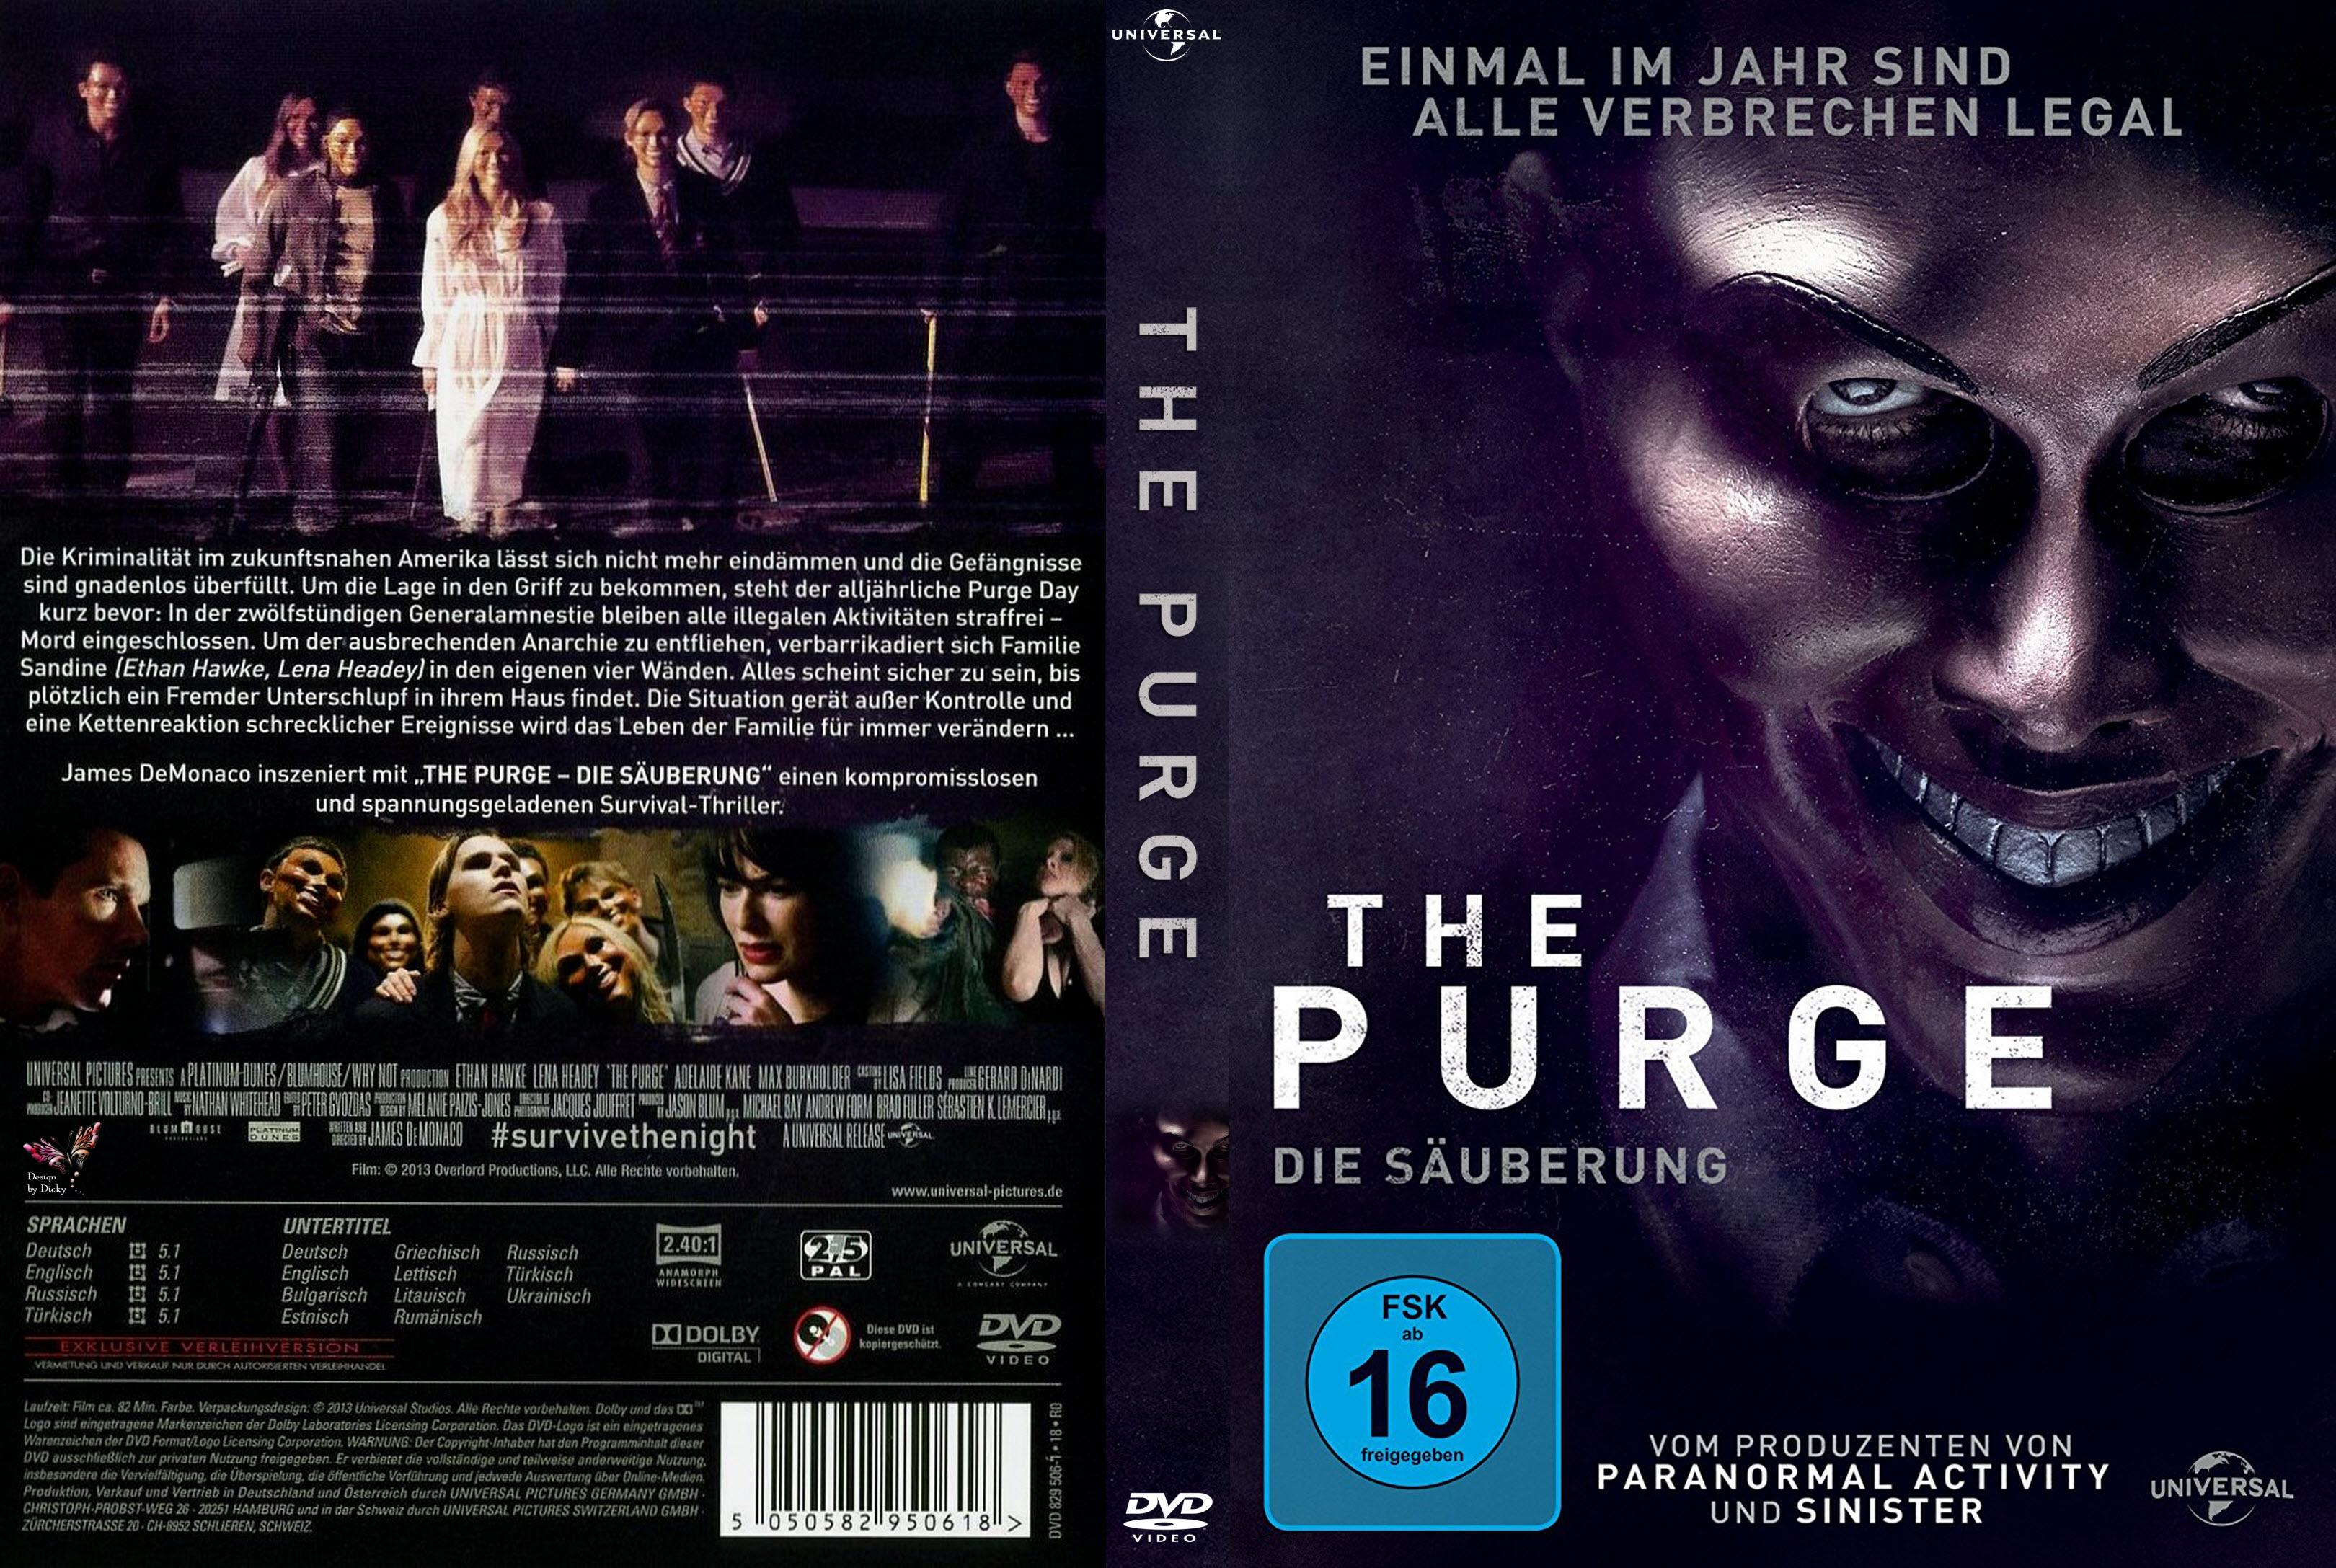 The Purge Die S 228 Uberung German Dvd Covers